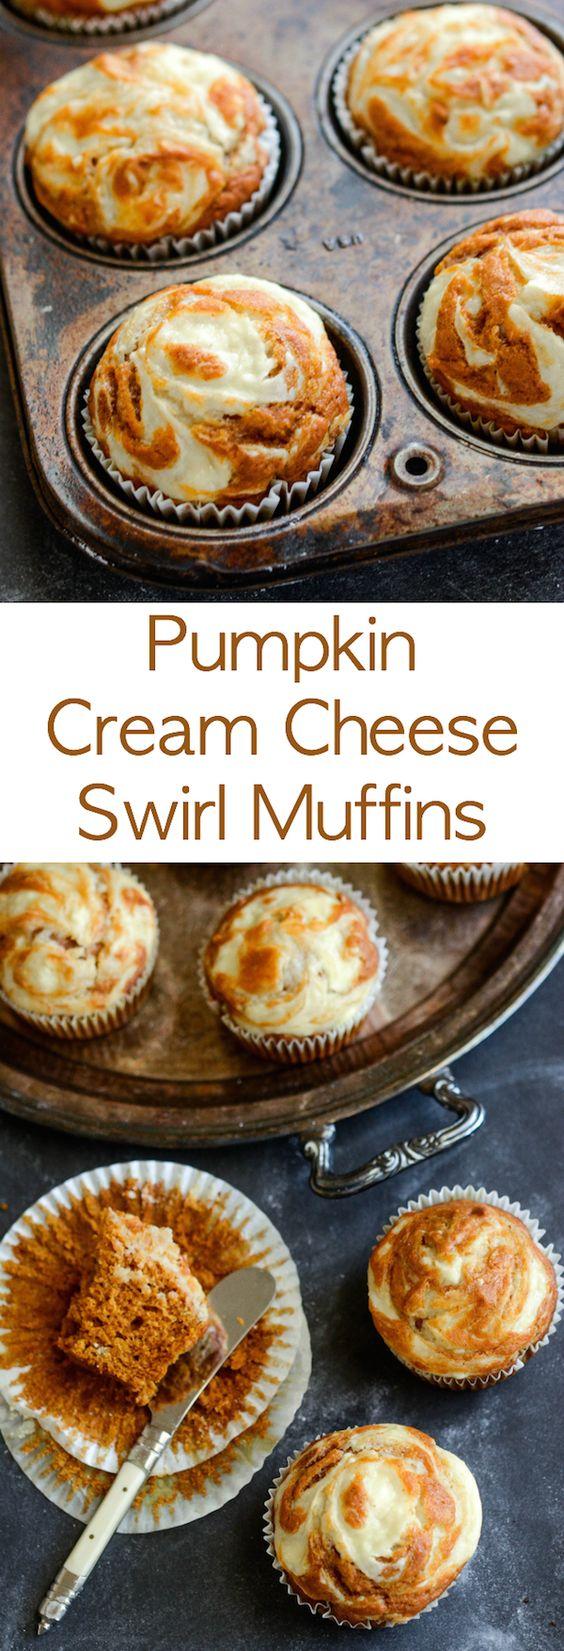 Pumpkin cream cheeses, Swirls and Cream cheeses on Pinterest